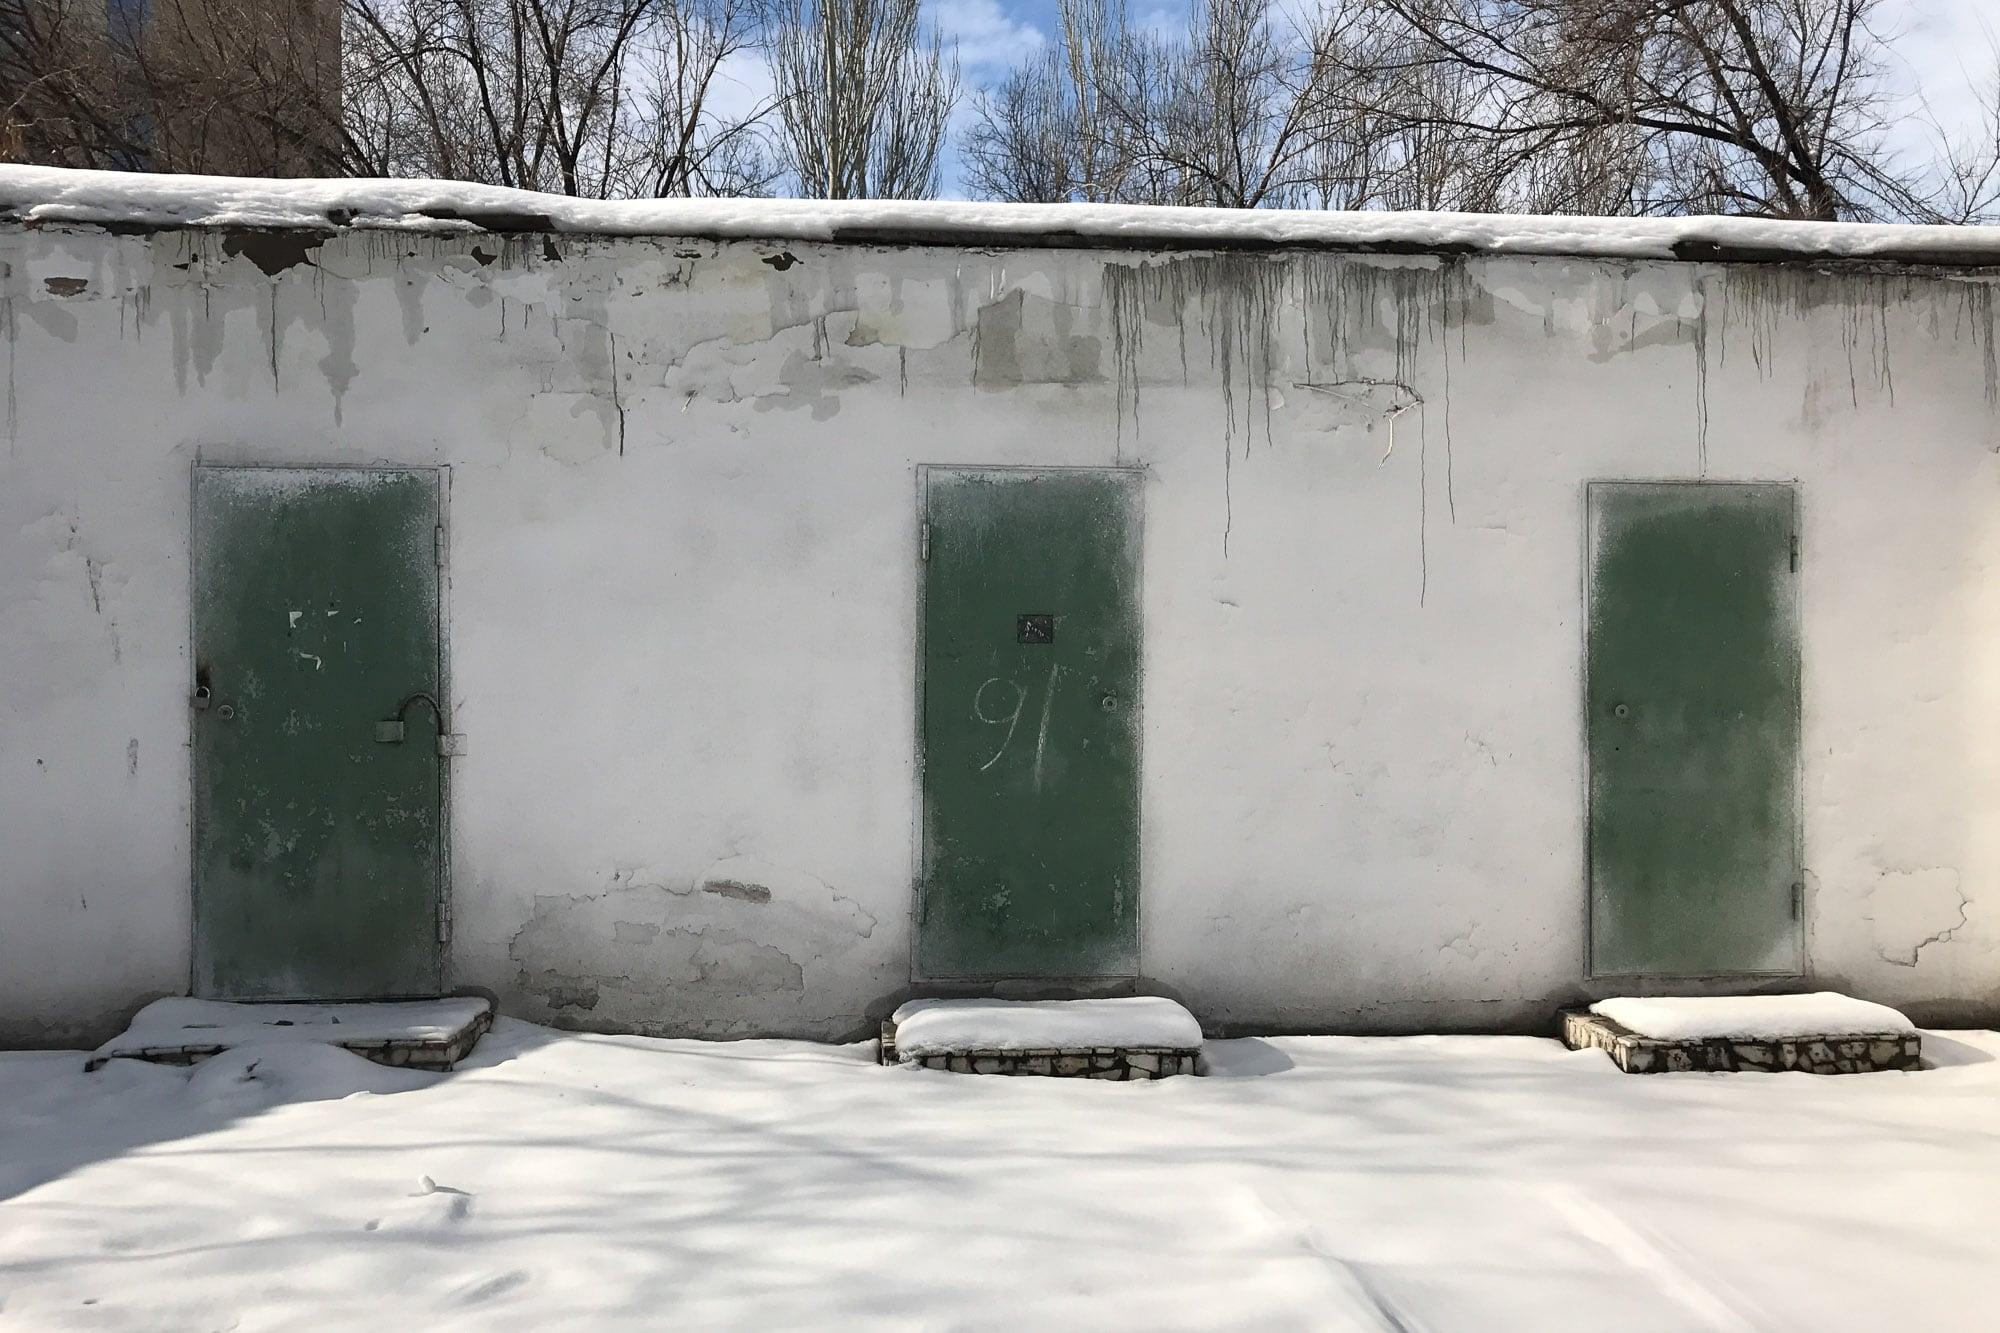 door number 91